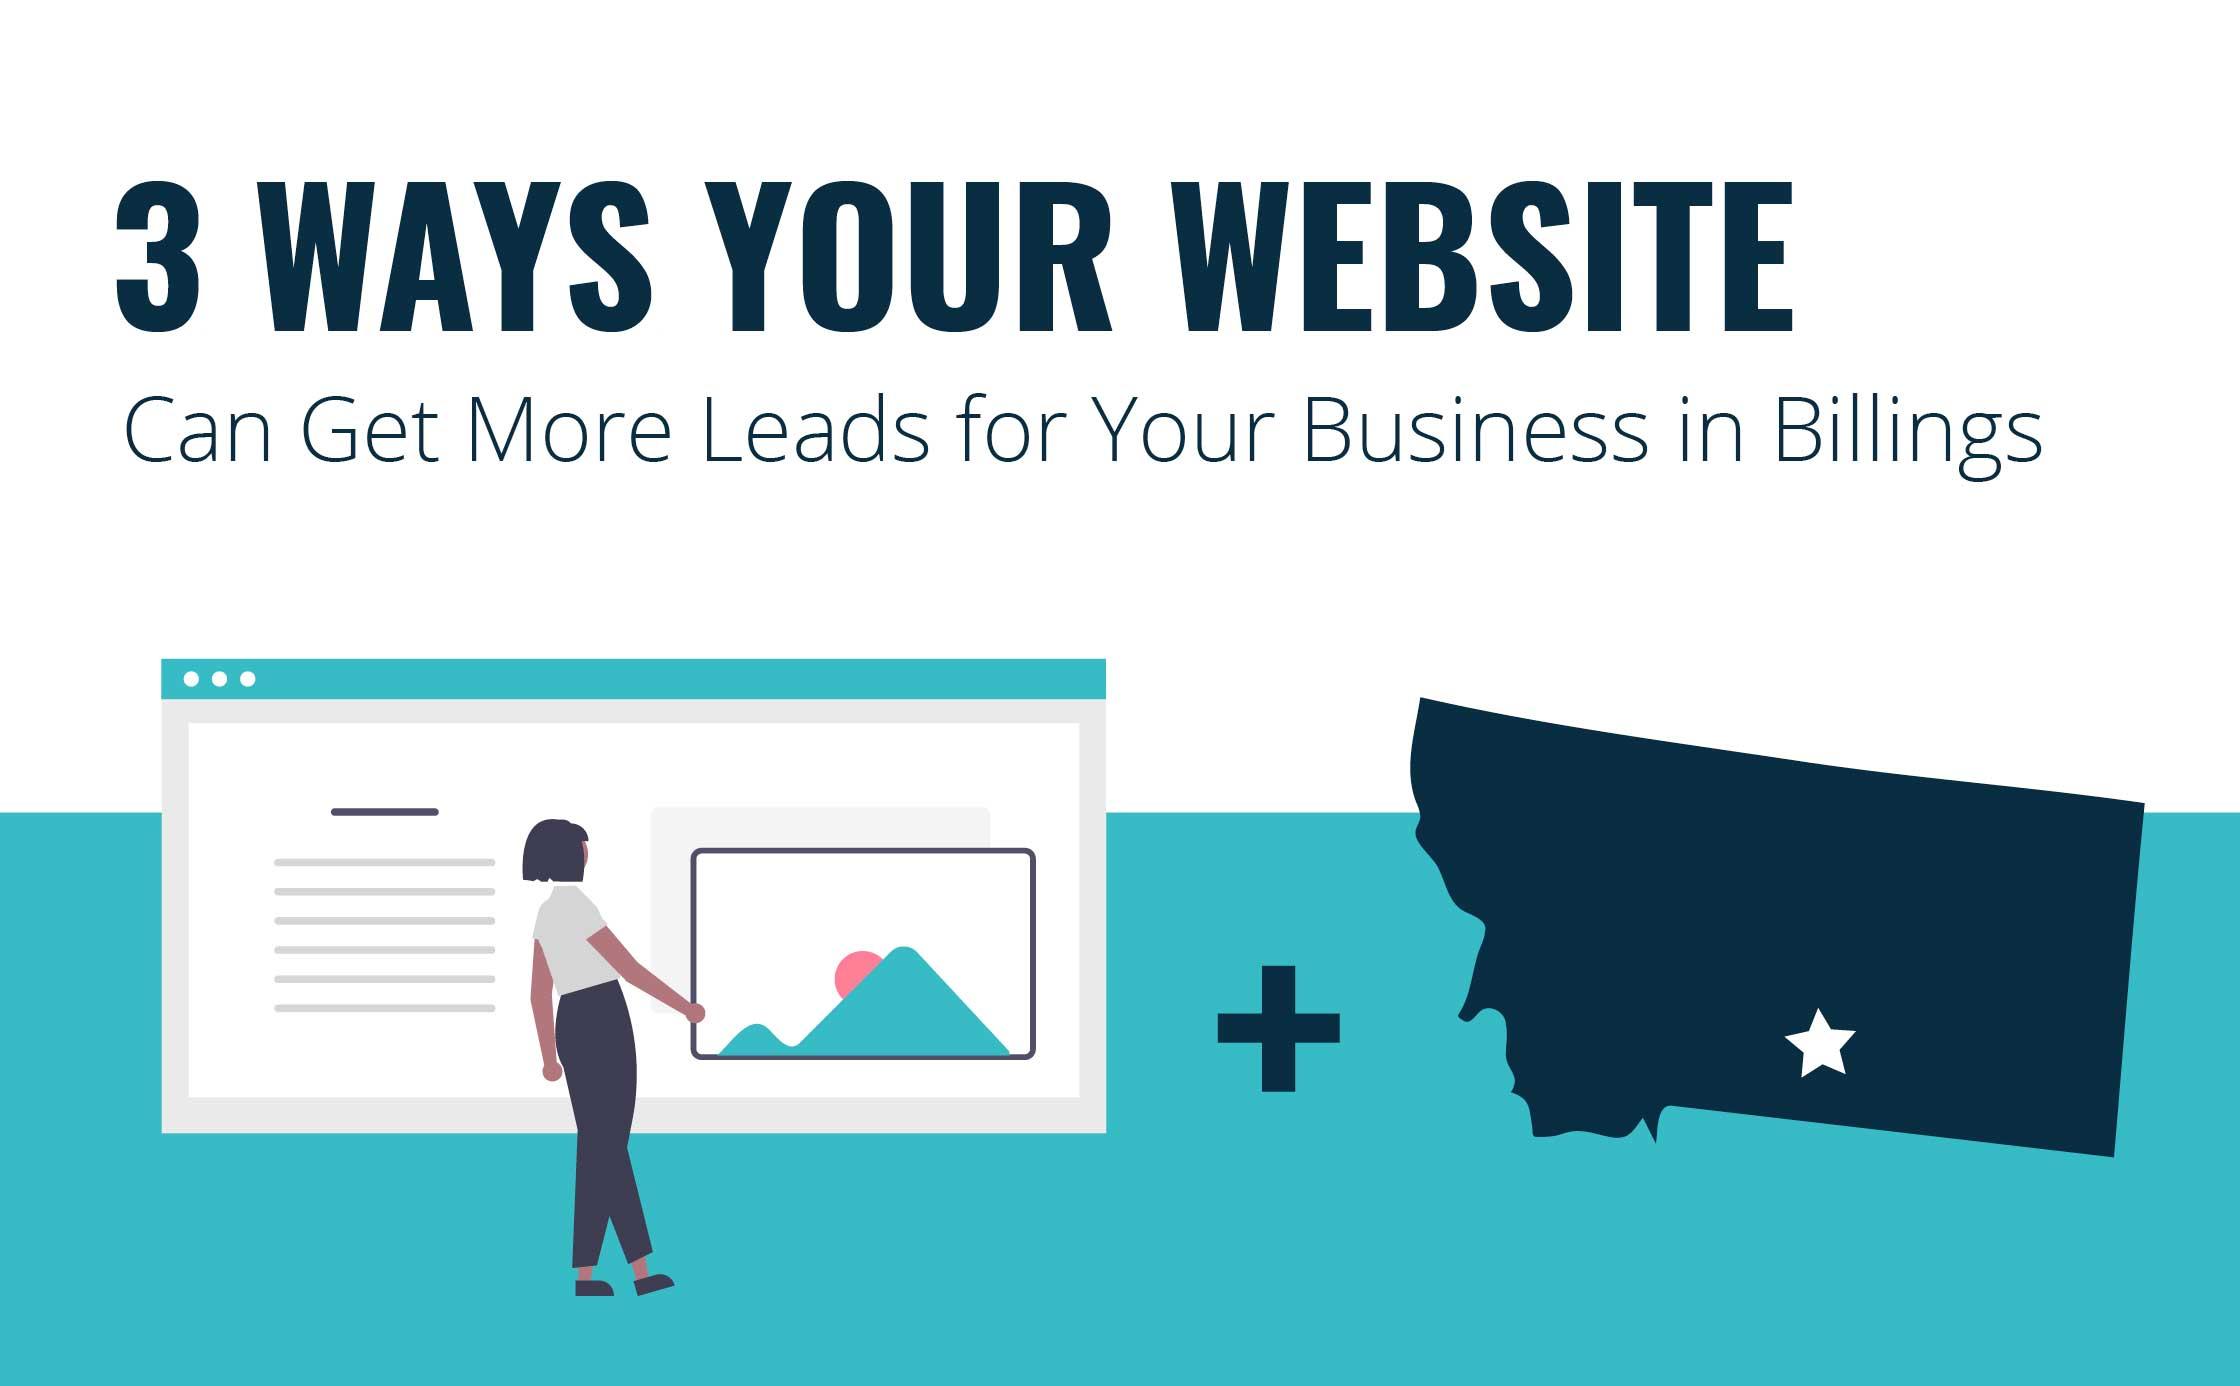 billings-website-leads